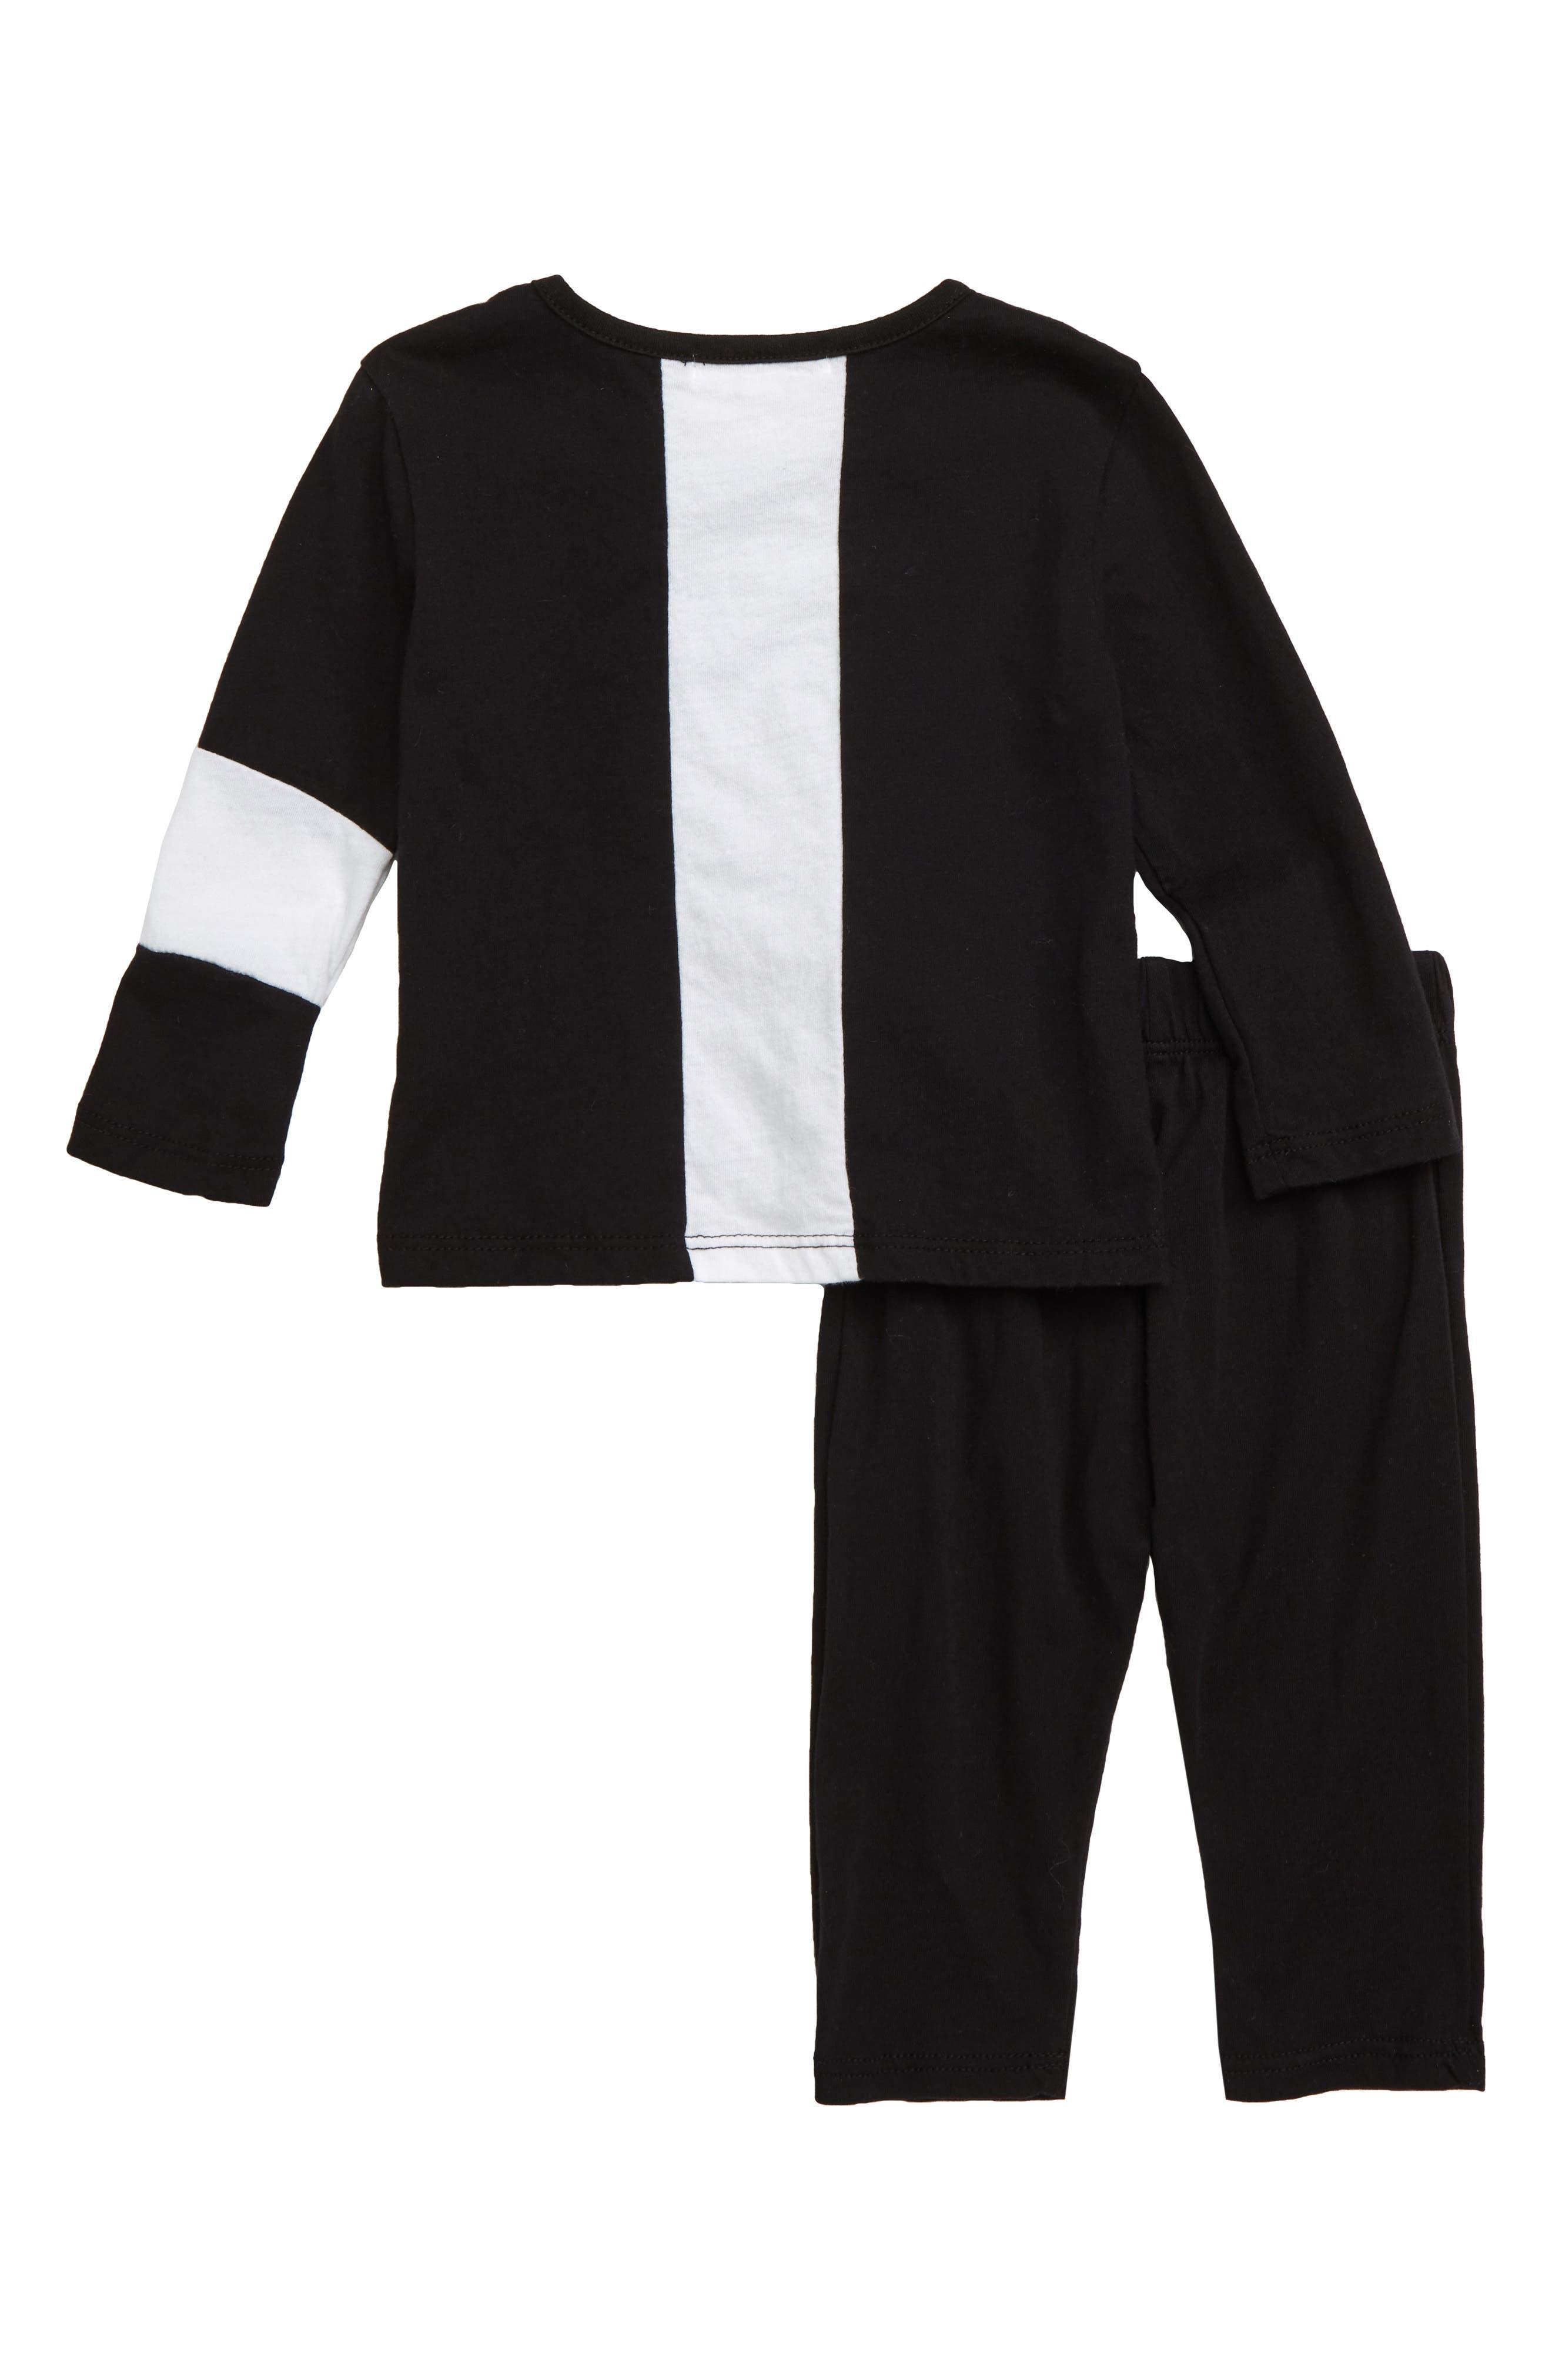 Colorblock Top & Pants Set,                             Alternate thumbnail 2, color,                             BLACK